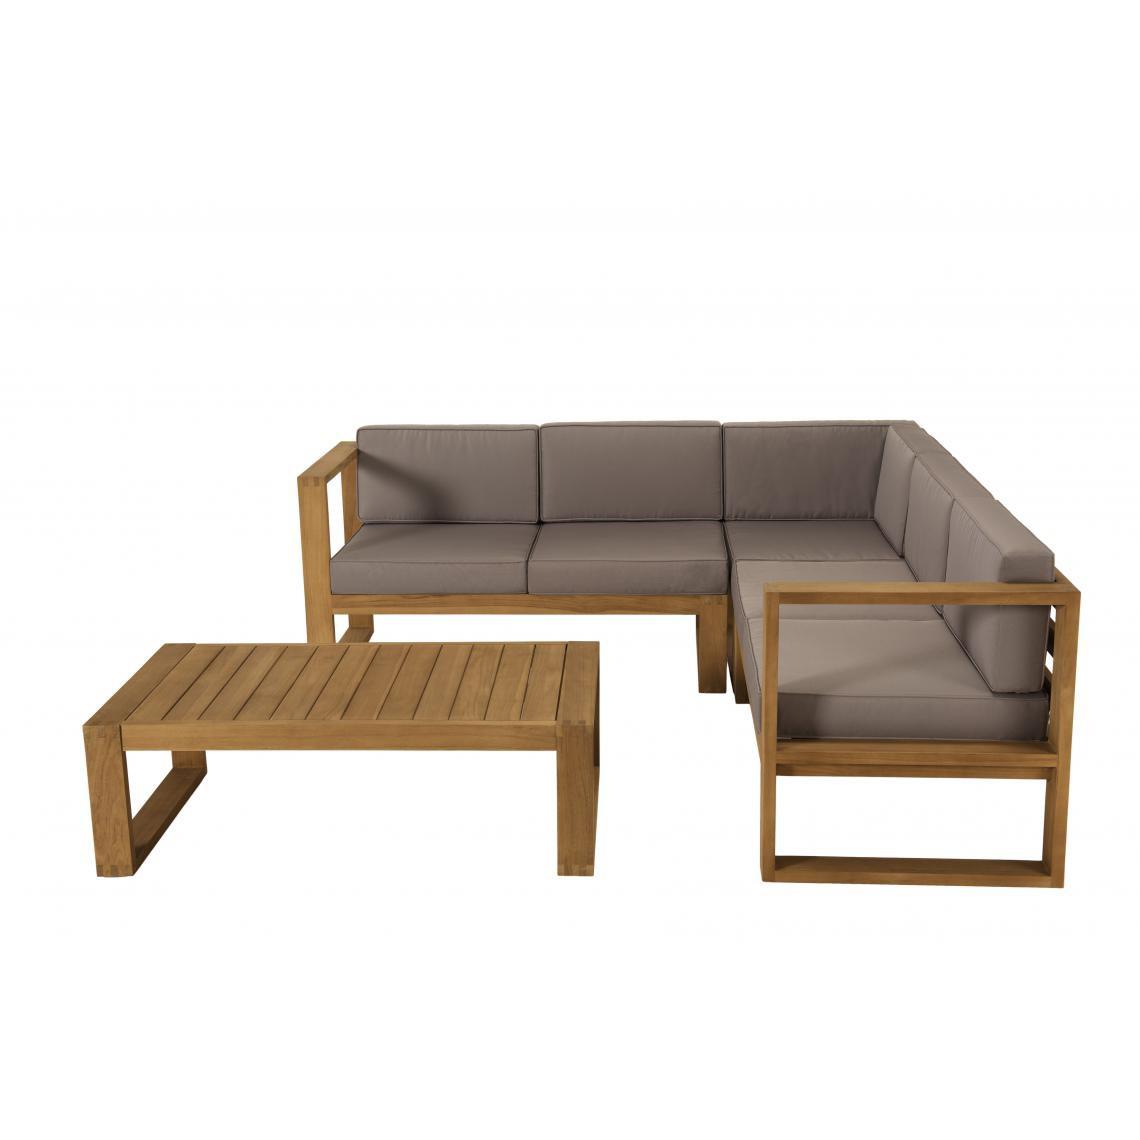 Salon De Jardin Minorque Table Basse Teck + Canapé D'angle 5 Places destiné Canapé Teck Jardin